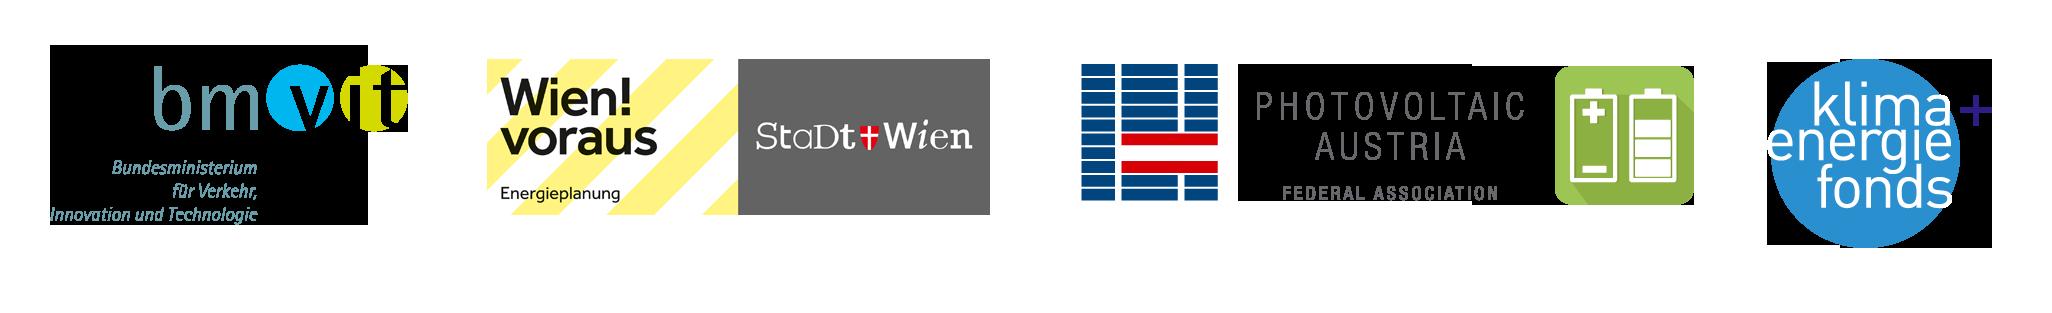 Sponsoren | Photovoltaik Österreich